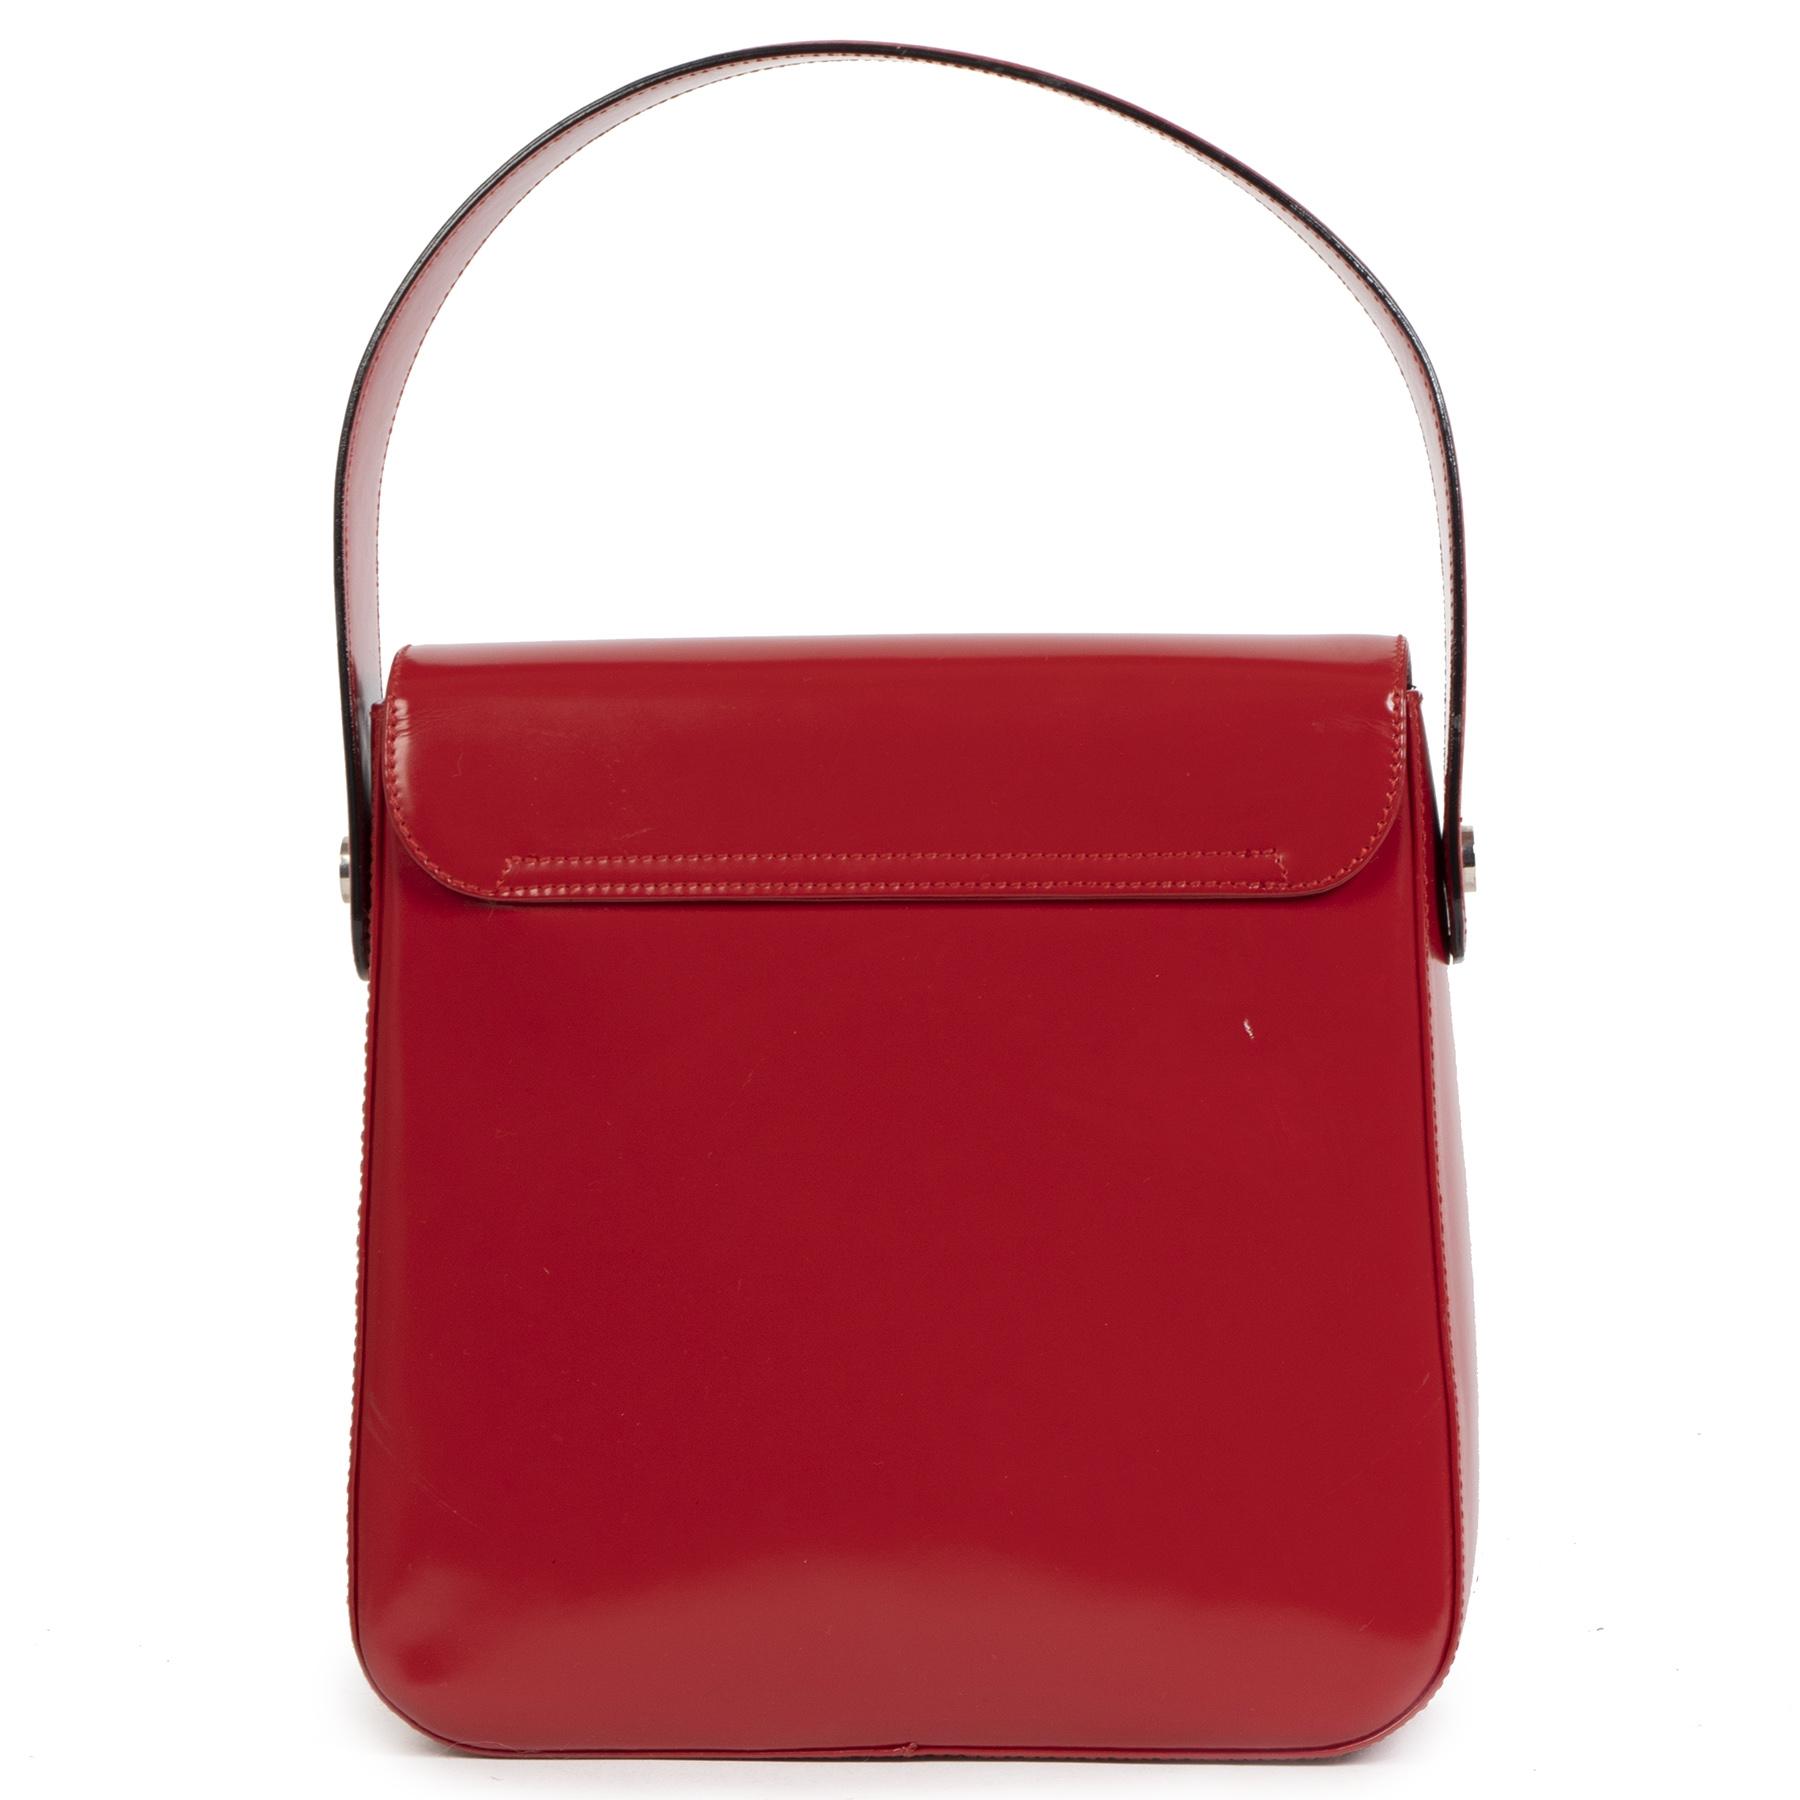 Authentieke Tweedehands Salvatore Ferragamo Red Leather Top Handle Bag juiste prijs veilig online shoppen luxe merken webshop winkelen Antwerpen België mode fashion